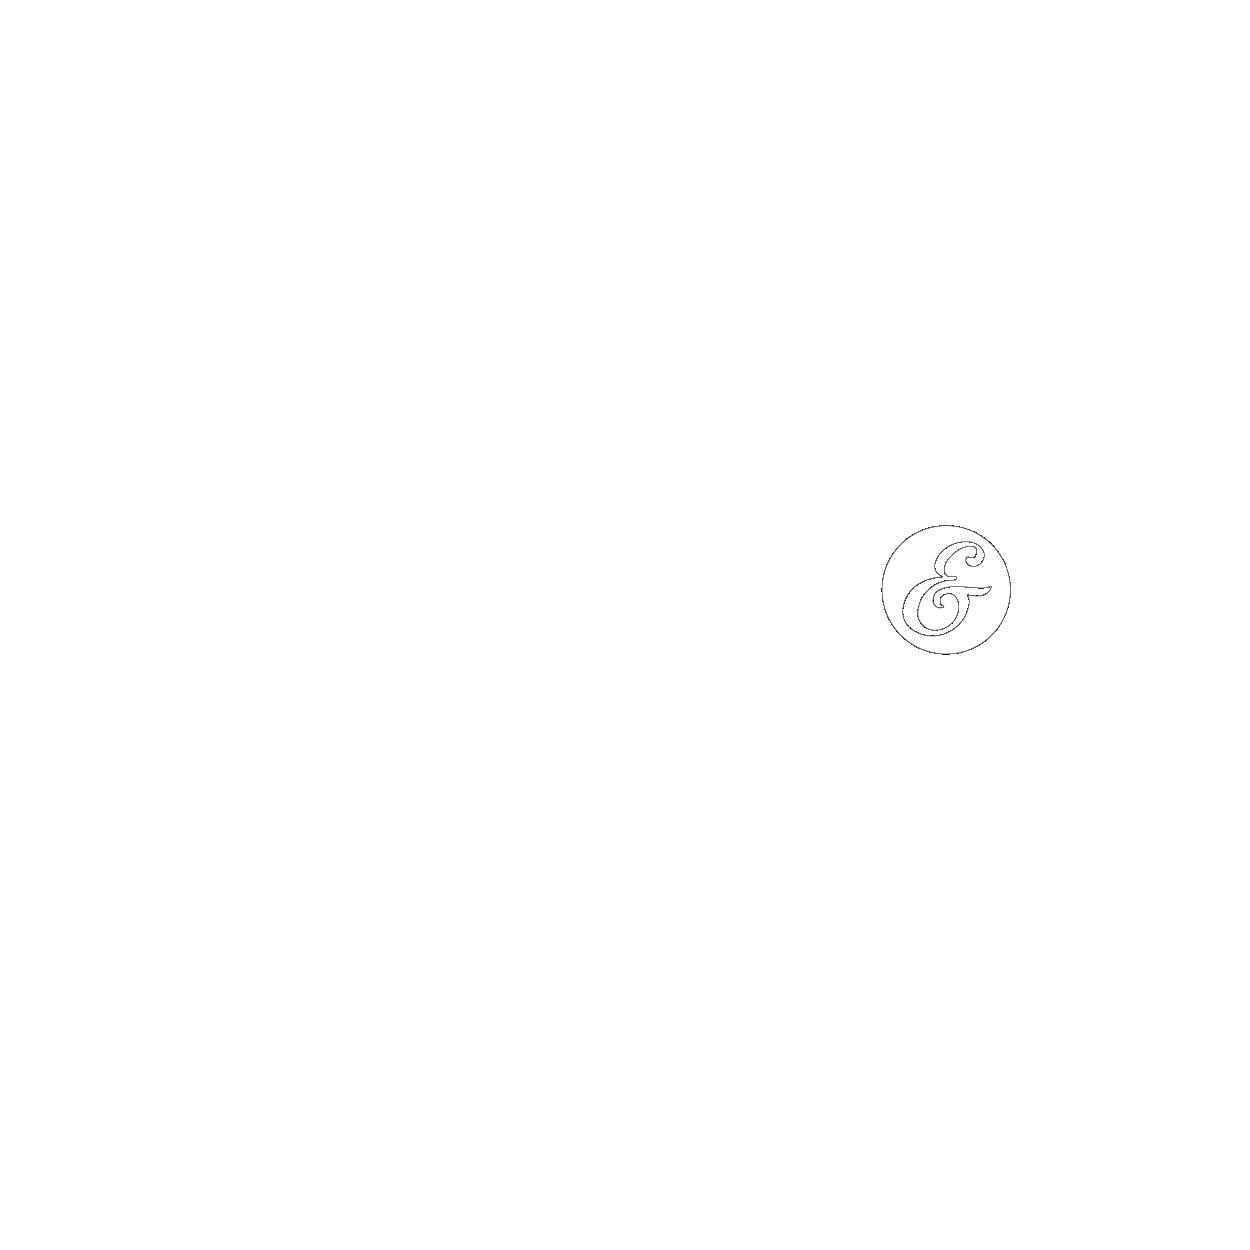 BATB_White-01.png